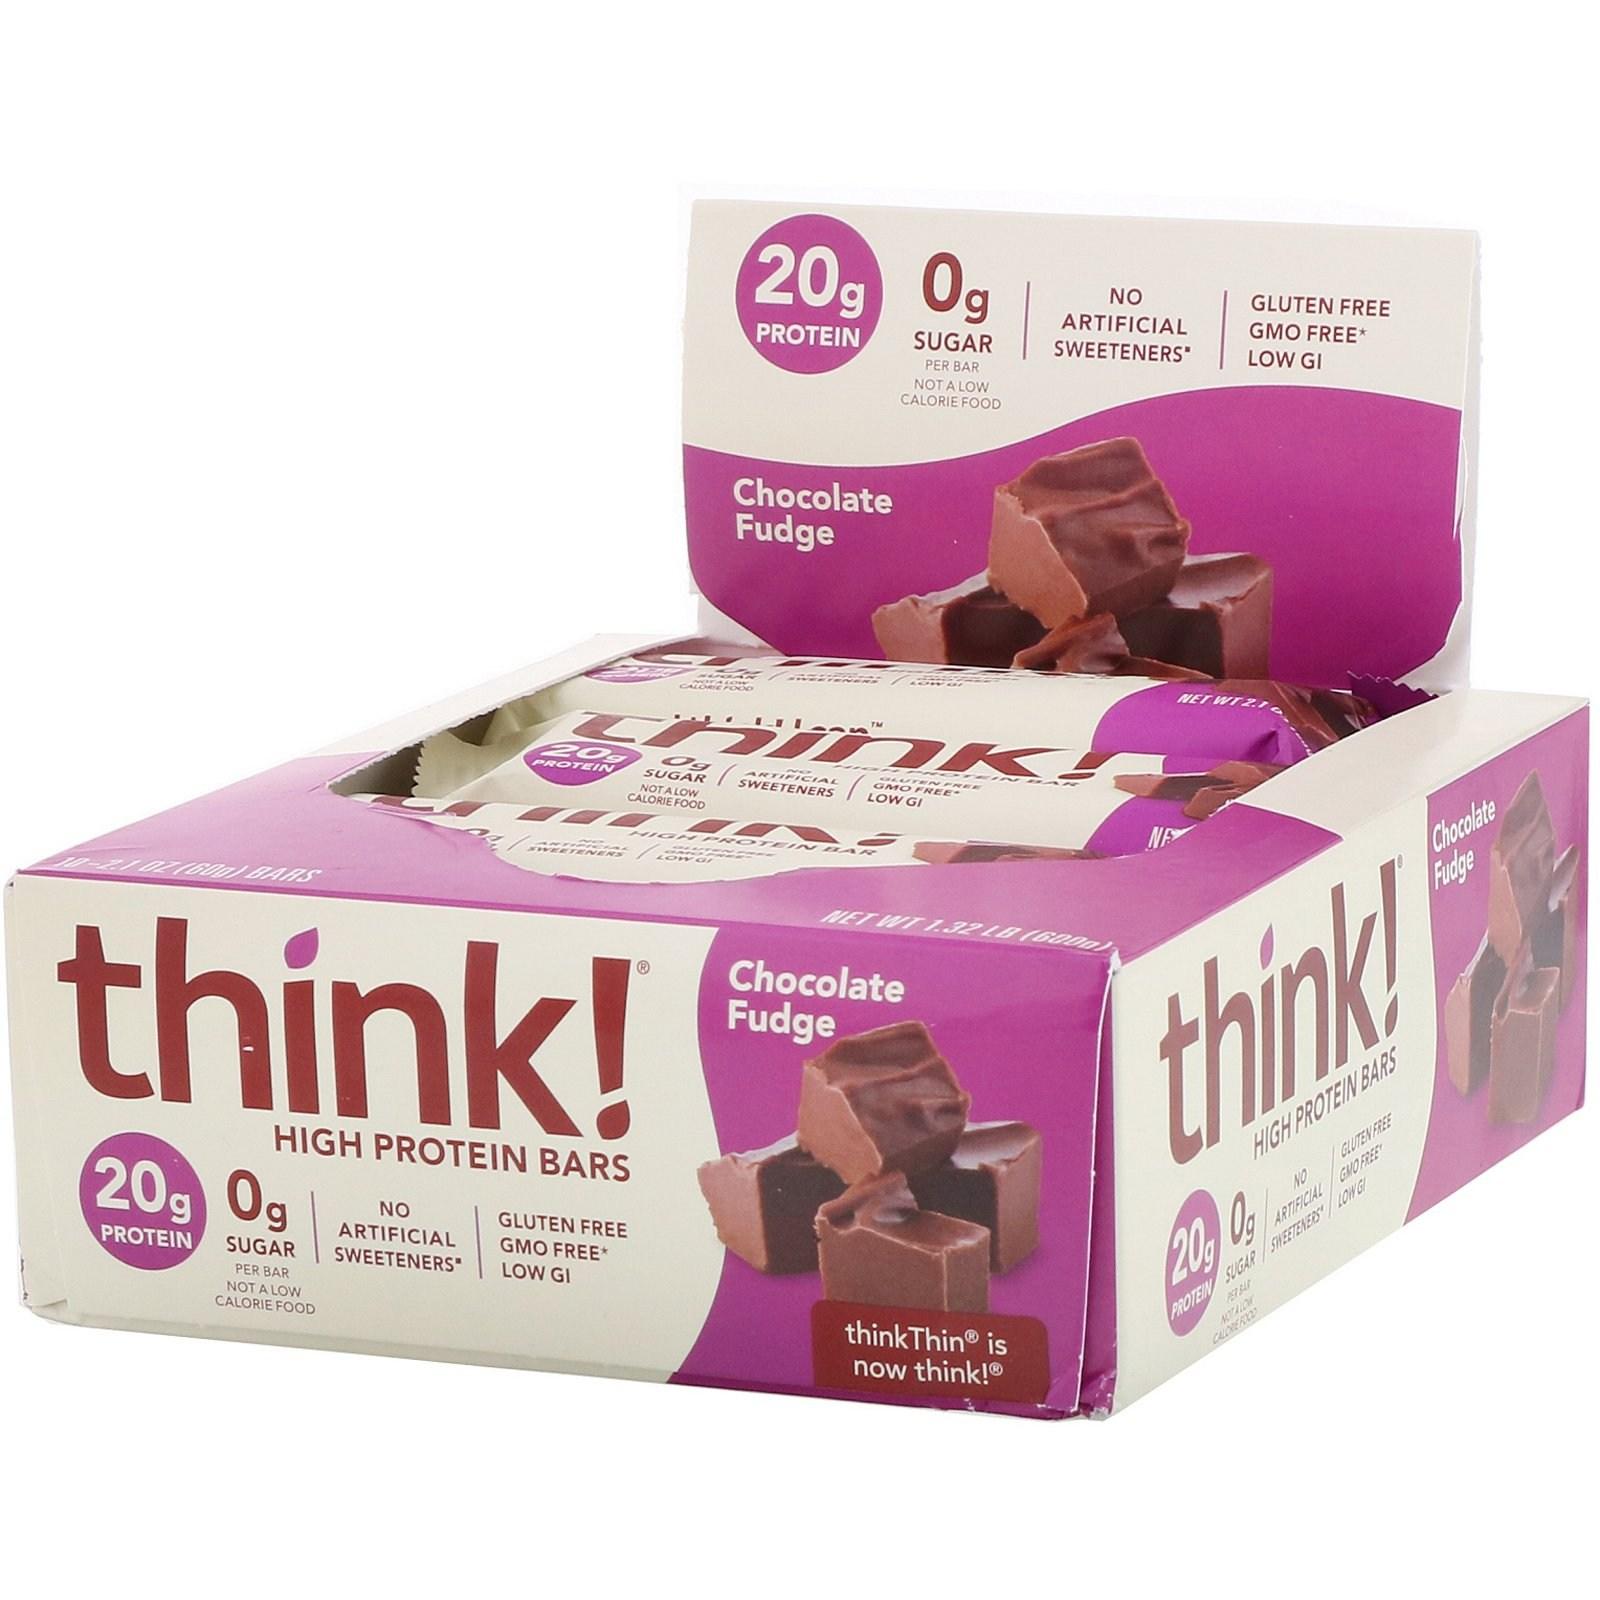 씽크씬 고단백질 바 초콜릿 퍼지 10 스낵바 각 60g 프로틴바, 1개, -